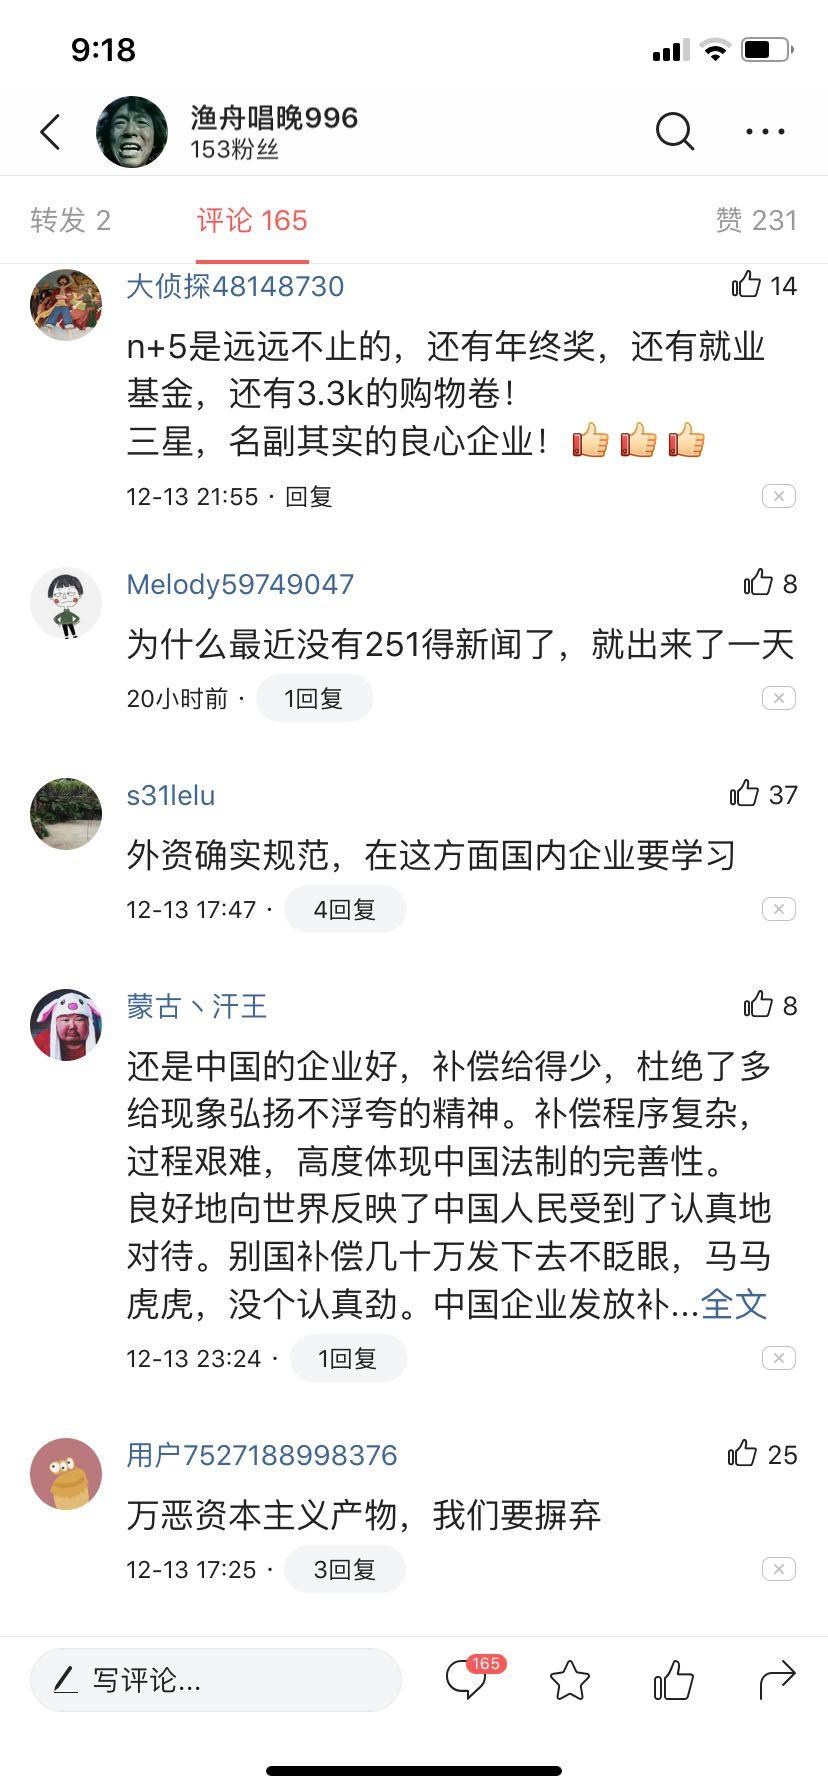 三星关闭昆山工厂撤离中国,员工赔偿N+5,对比国内企业引得网友热议 2